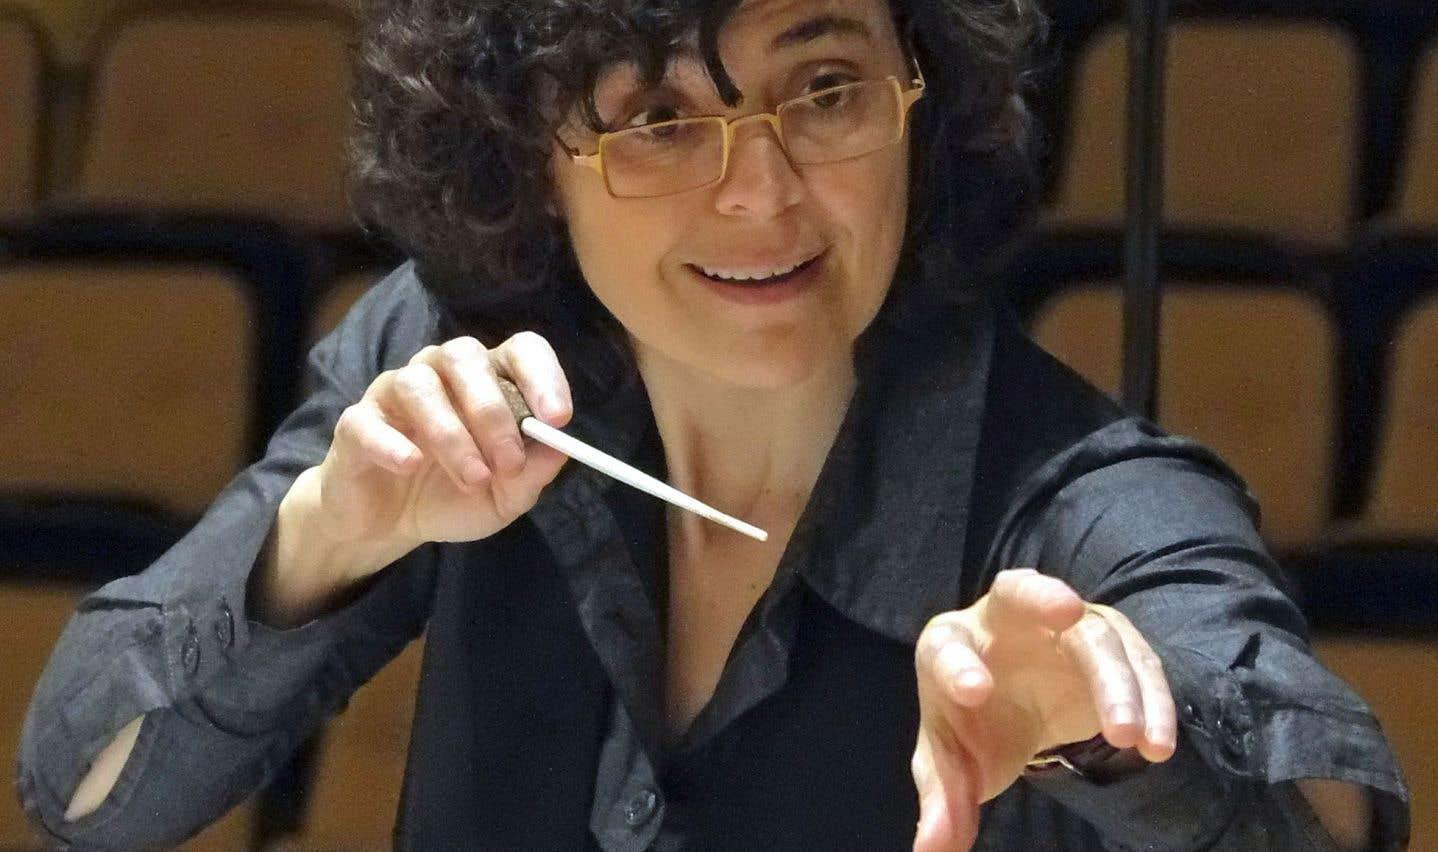 Pour Véronique Lacroix, le multidisciplinaire permet non seulement d'attirer le public, souvent même de doubler l'auditoire, mais également de le guider vers des zones sonores méconnues.